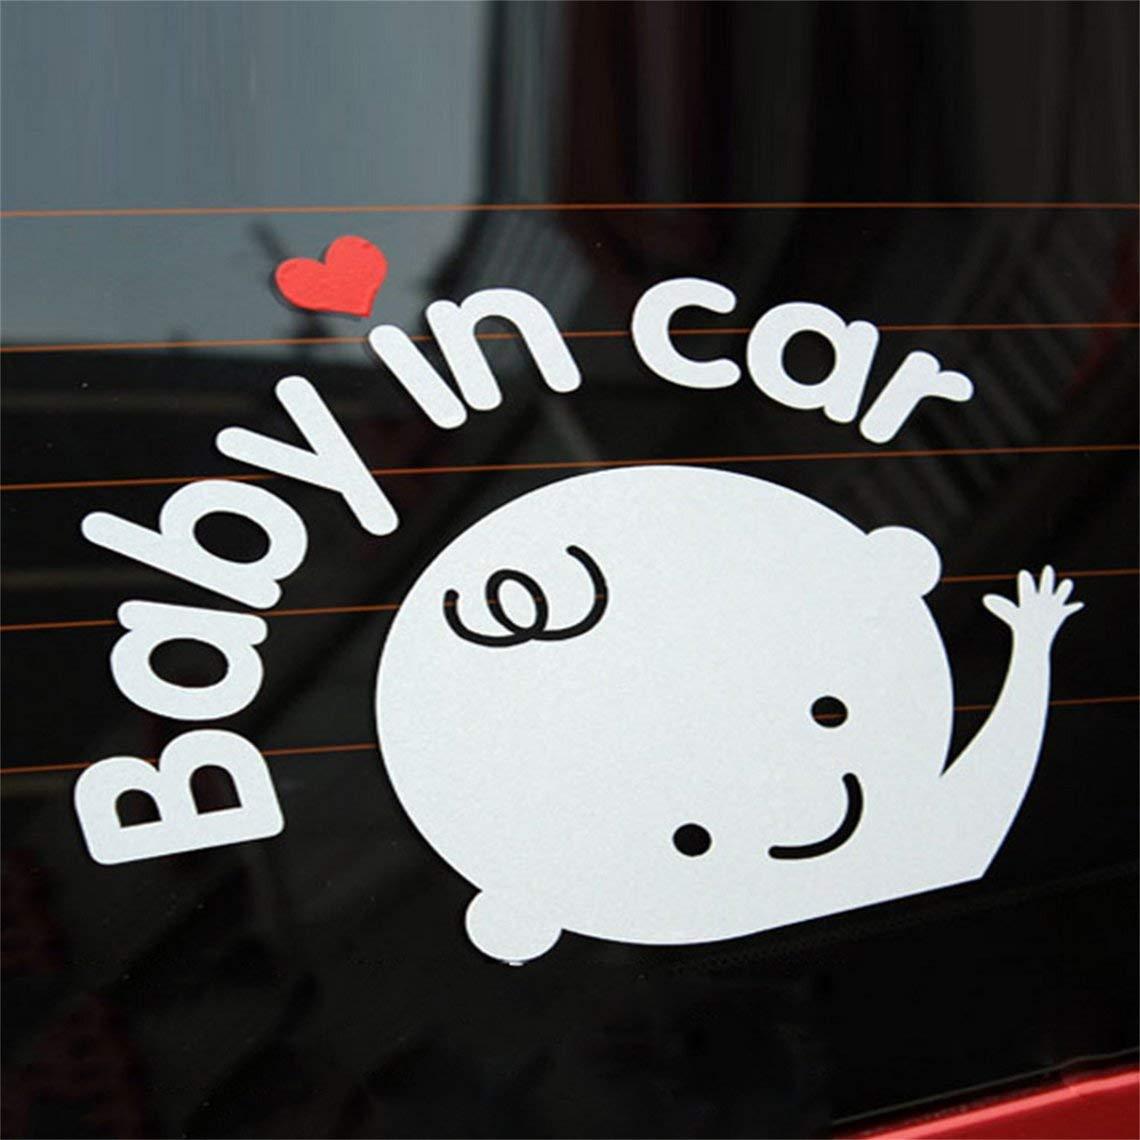 Momorain Creative 17 14 cm B/éb/é /à bord de b/éb/é en voiture autocollant de voiture imperm/éable r/éfl/échissant d/écalque de voiture sur le pare-brise arri/ère